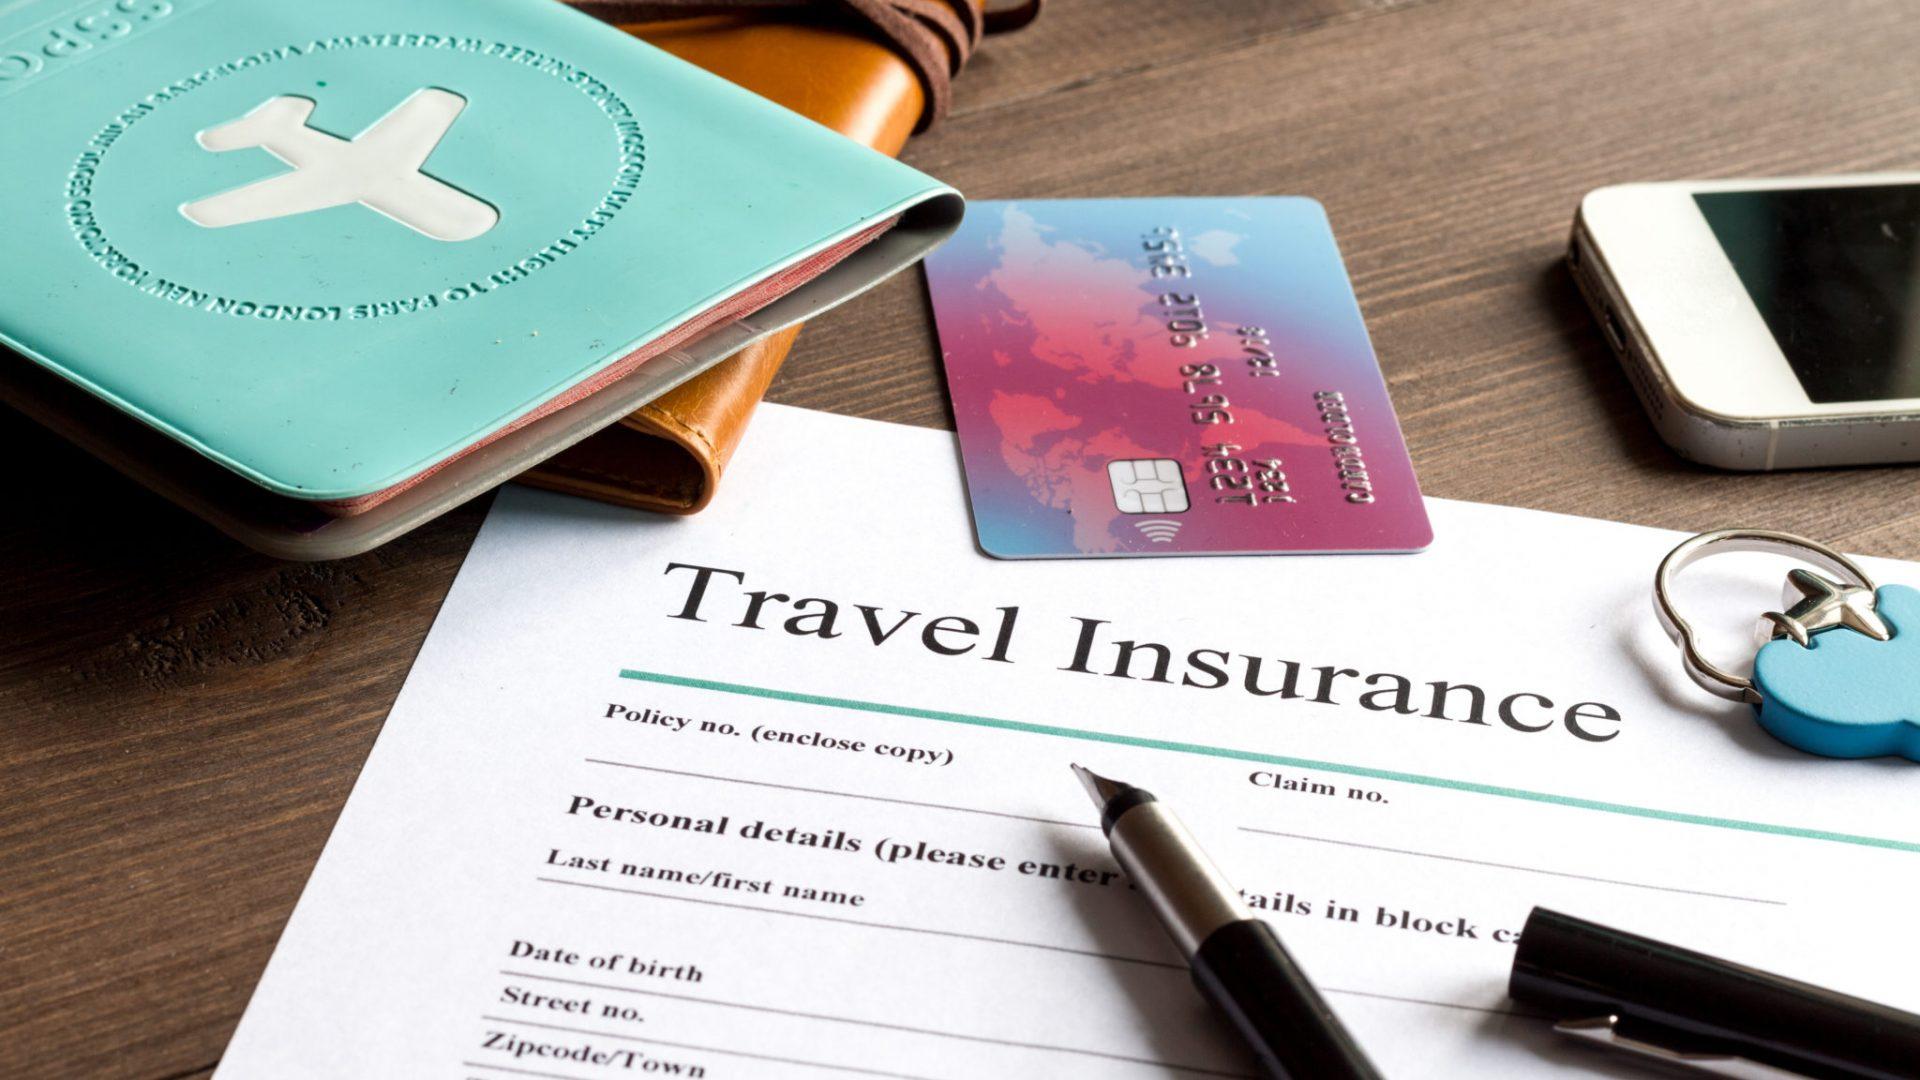 Как оформить страховку для путешествий